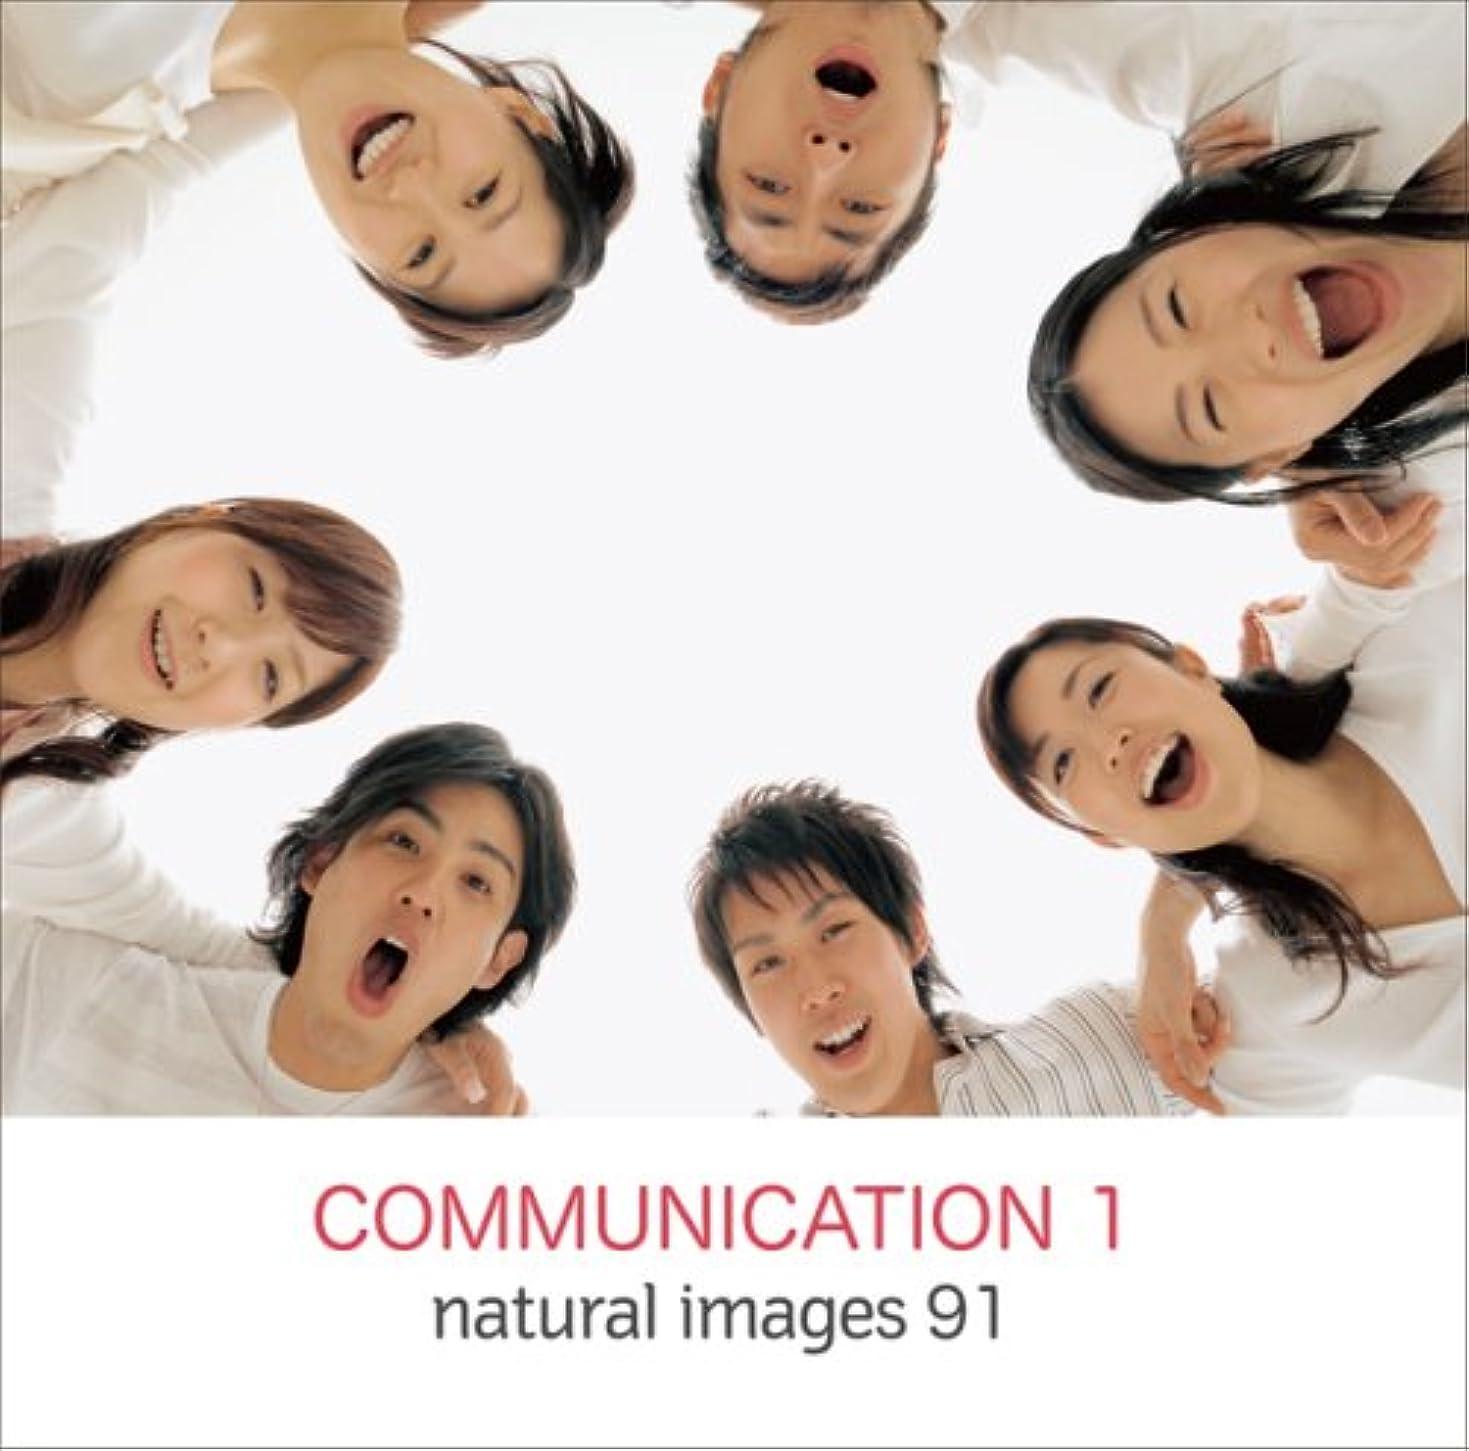 ギャラリーしなやか素朴なnatural images Vol.91 Communication 1